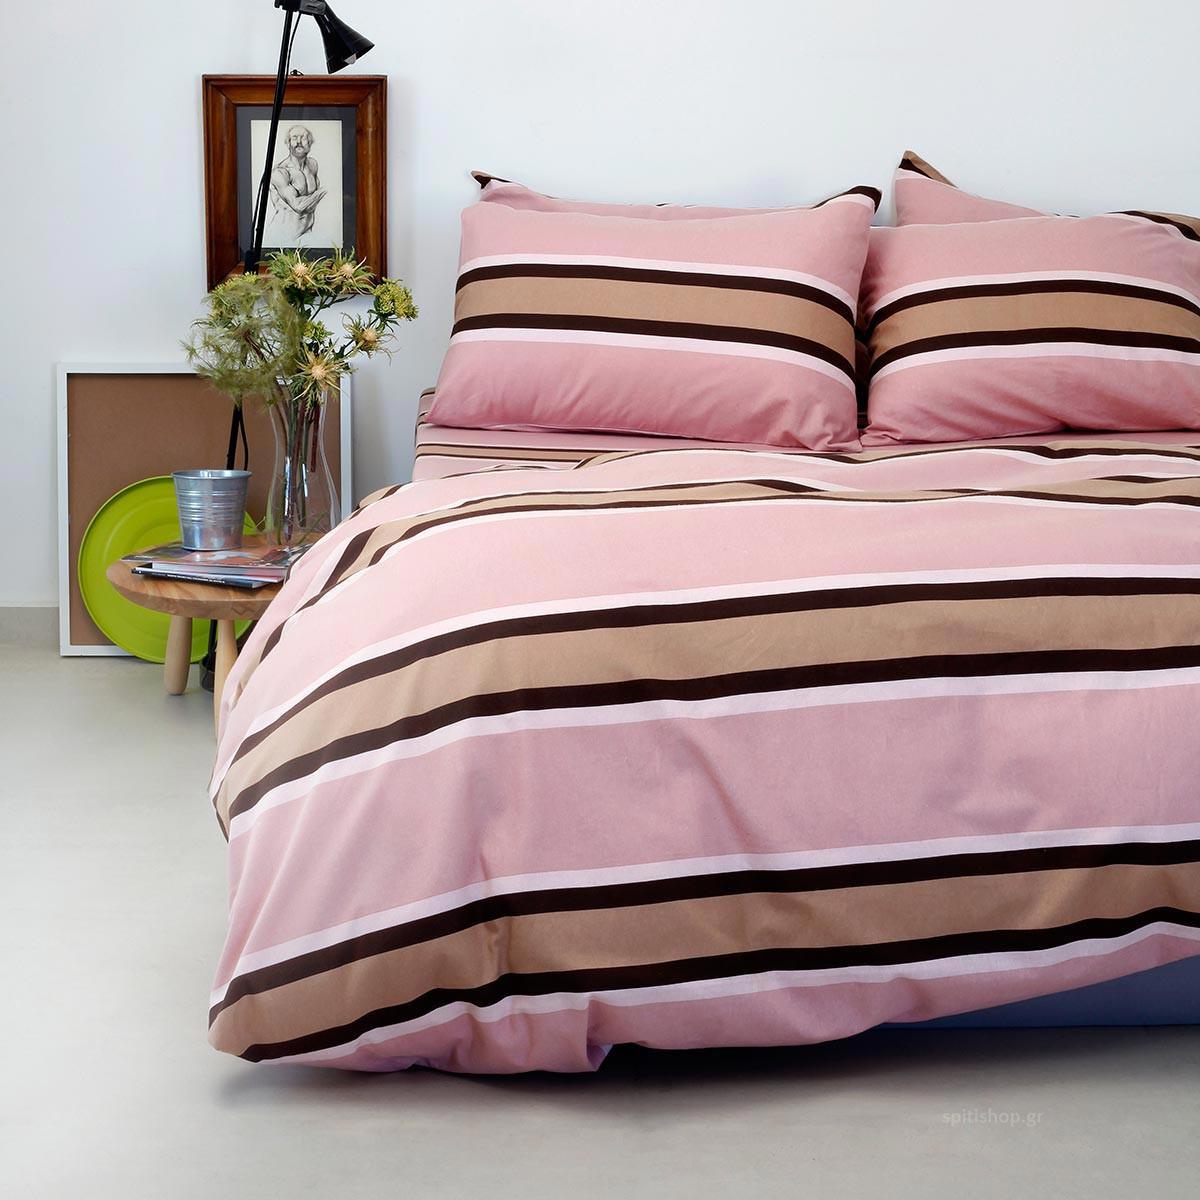 Φανελένια Σεντόνια Υπέρδιπλα (Σετ) Melinen Stripe Rose ΜΕ ΛΑΣΤΙΧΟ 165×200+30 ΜΕ ΛΑΣΤΙΧΟ 165×200+30